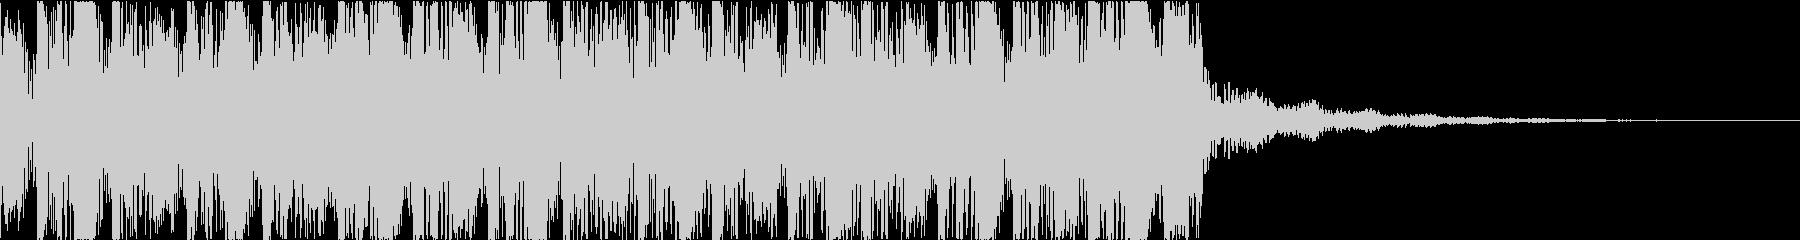 サイケ トランス ダーク ジングル 9秒の未再生の波形